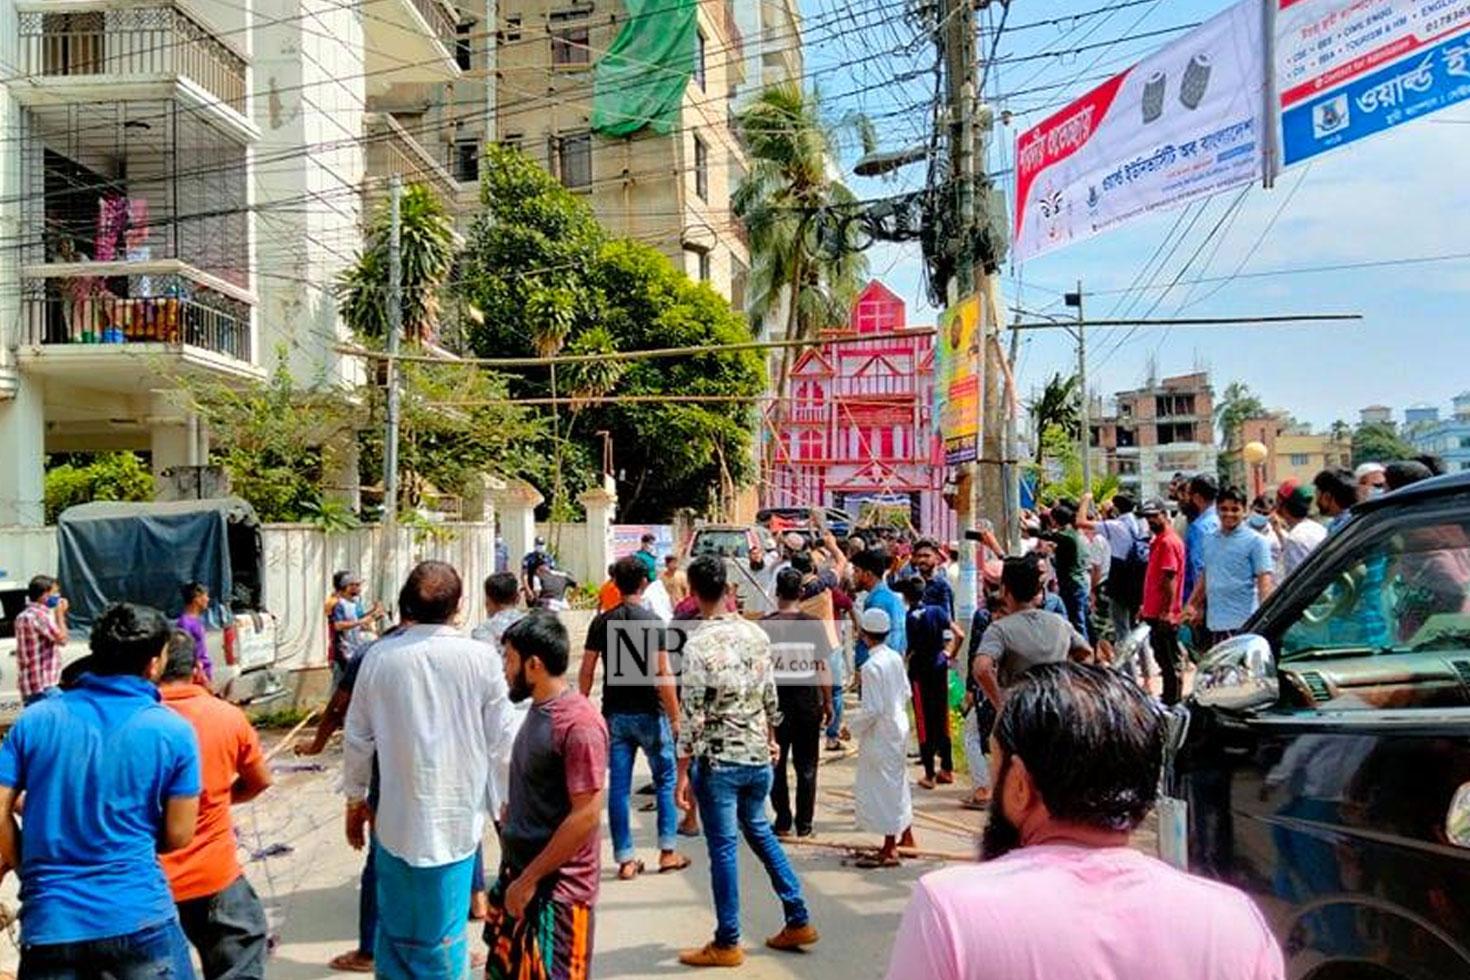 কুমিল্লায় সহিংসতা: নিখুঁত তদন্ত রিপোর্ট চাইলেন ডিসি